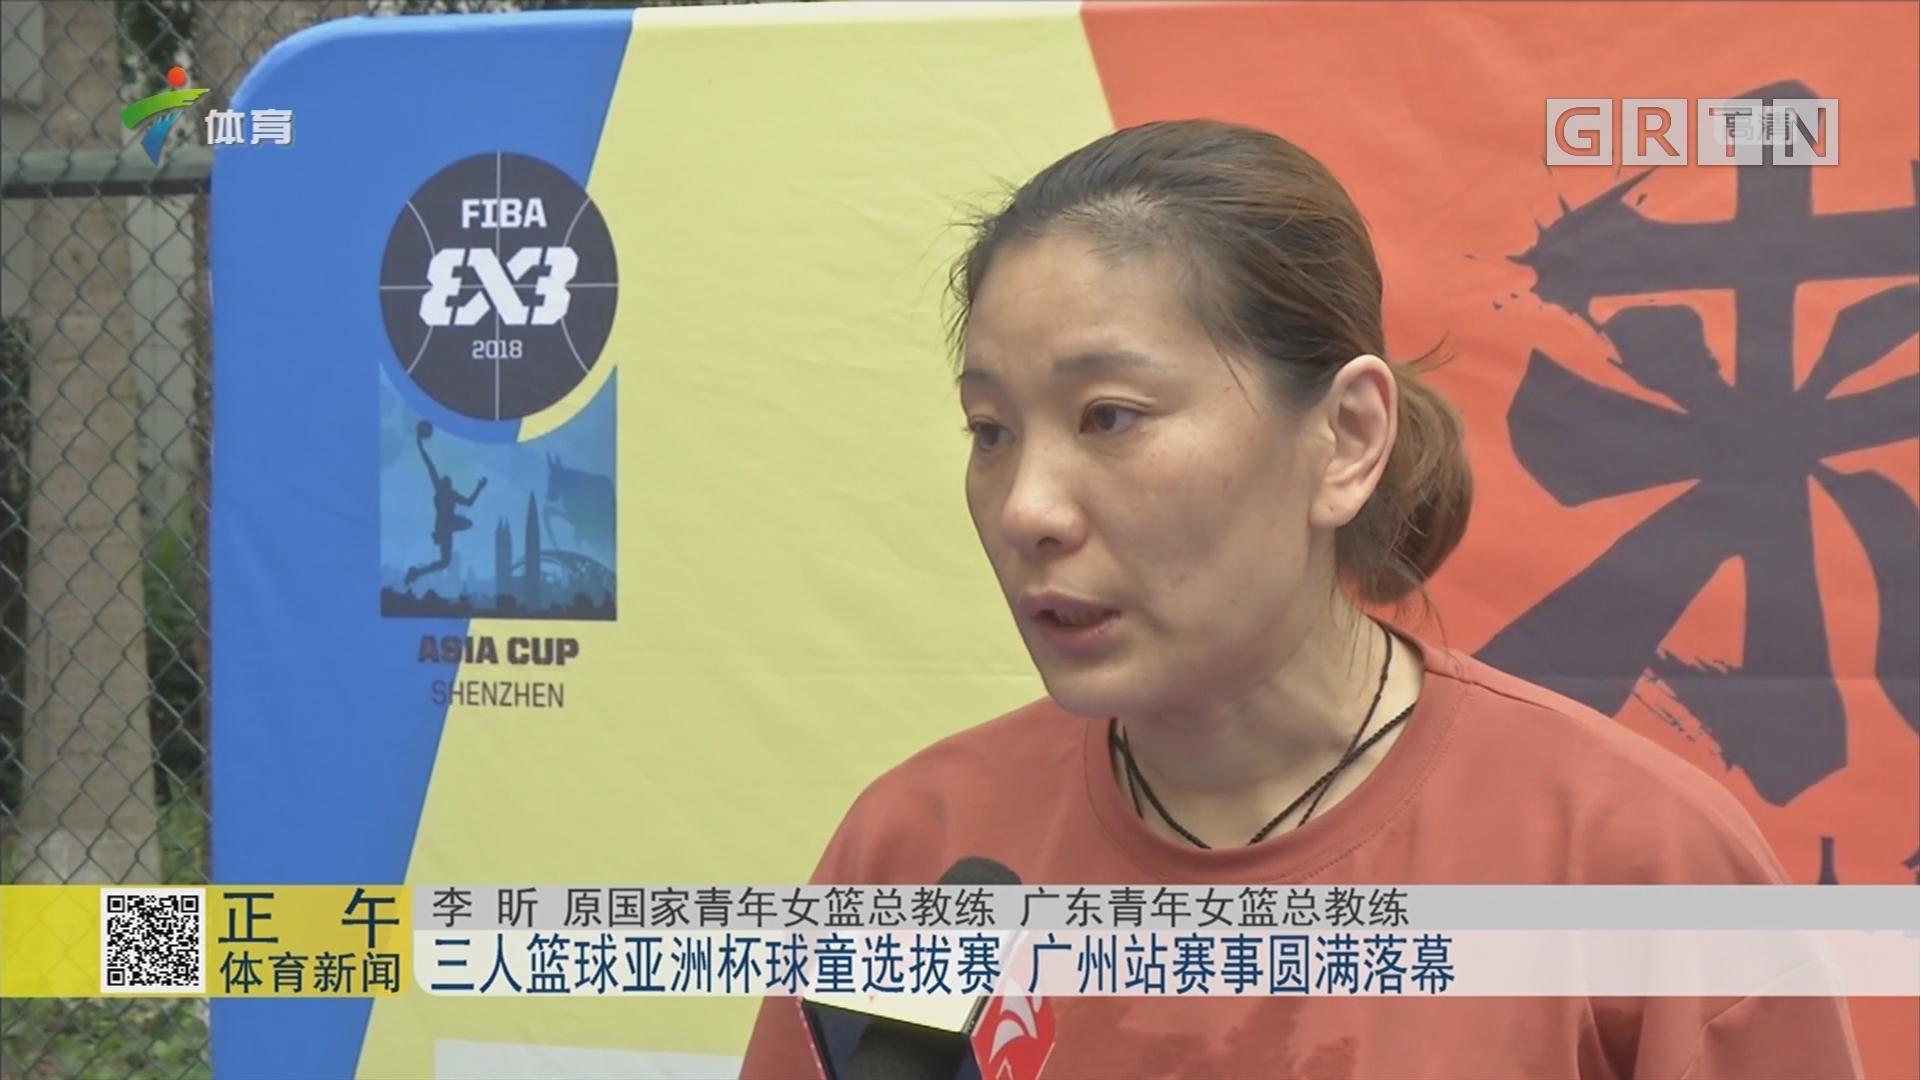 三人篮球亚洲杯球童选拔赛 广州站赛事圆满落幕